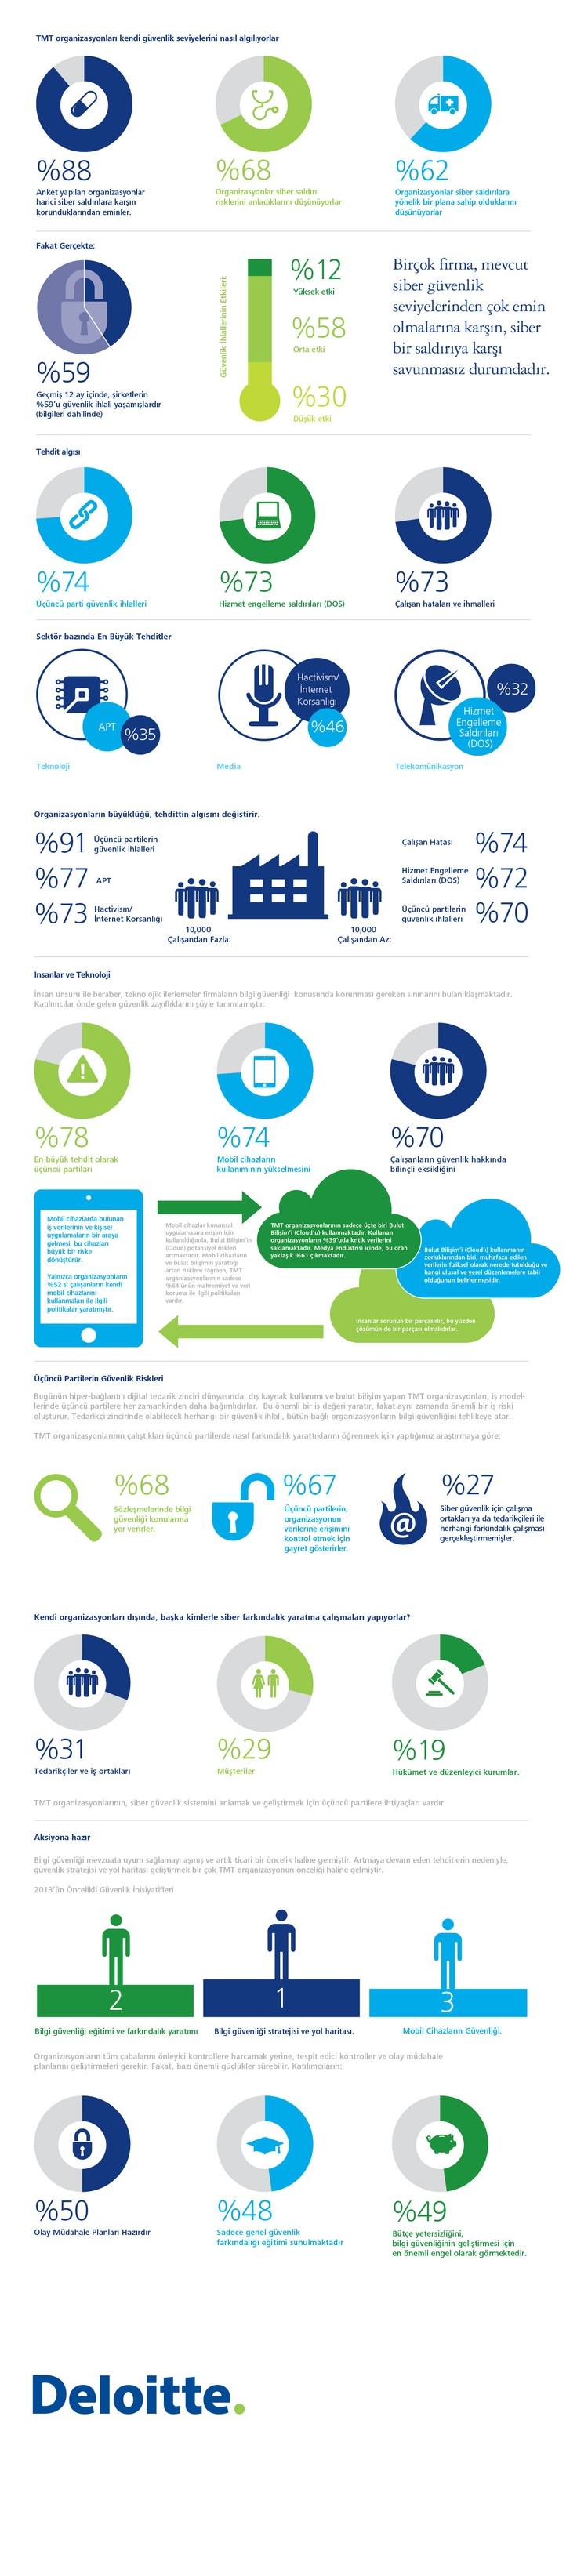 2013 yılında mobil reklam pazarı yüzde 50 büyüyecek, kitle fonlaması 3 milyar dolara ulaşacak, 1 milyar adet yeni cep telefonu satılacak… Bu öngörüler Deloitte'ta ait.    Deloitte, şirket ve hükümetlerin, önemli teknolojik gelişmeler çerçevesinde oluşan tartışma ve gelişmeler için almaları gereken aksiyonlara ilişkin öngörülerini bir arada topladığı raporunun 12'ncisini yayınladı. İlk olarak mobil reklam öngörülerini paylaşalım.